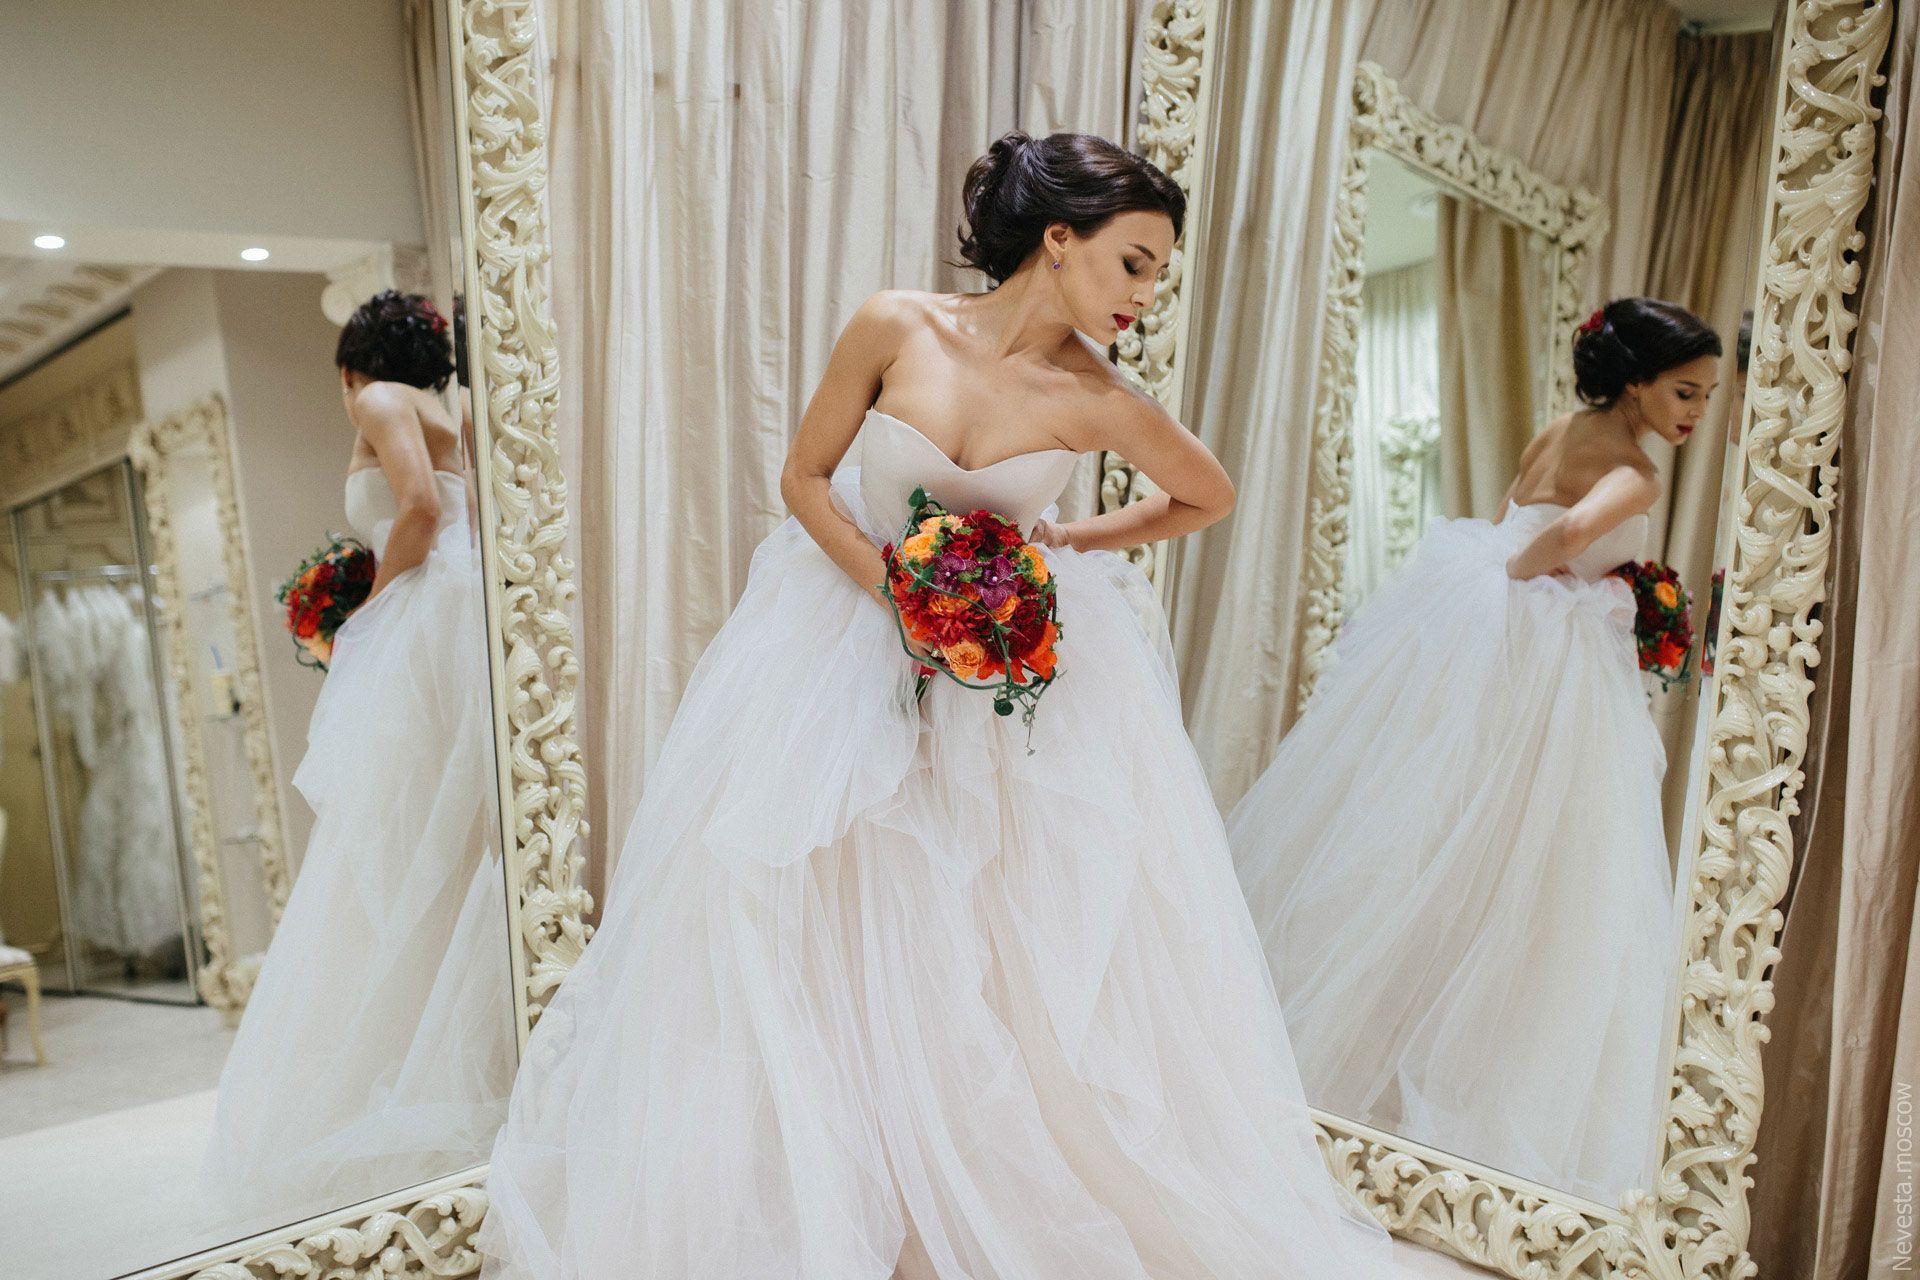 «Королева России» Диана Пегас примеряет образ для испанской свадьбы, фото 23